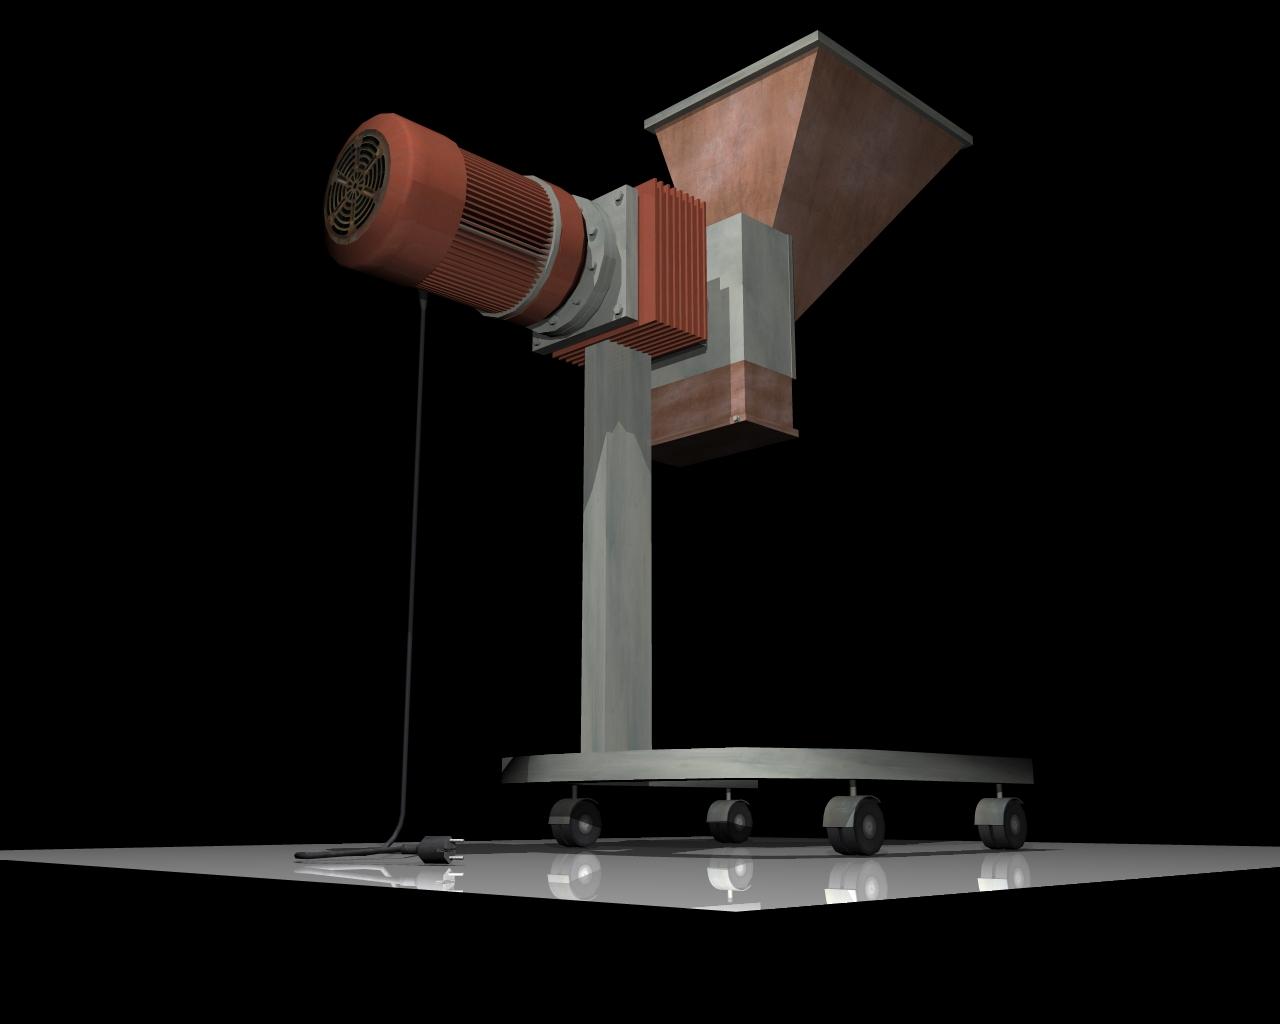 grind machine 3d model 3ds 164263